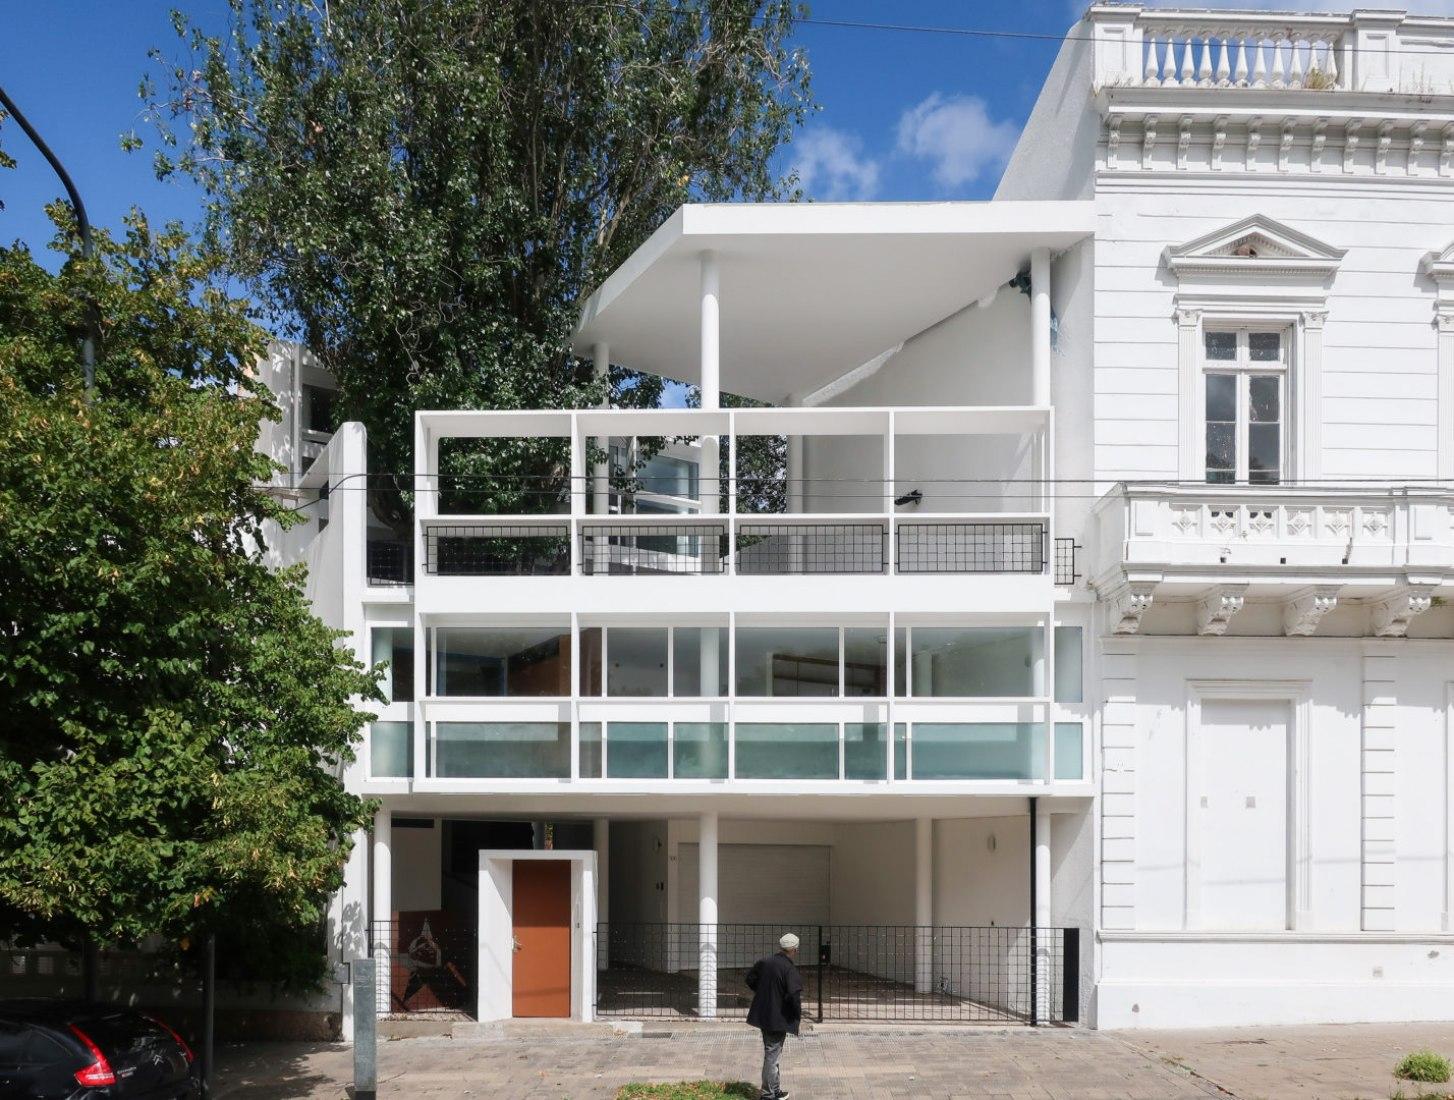 Casa Curutchet por Le Corbusier. Fotografía por Júlia Risi.